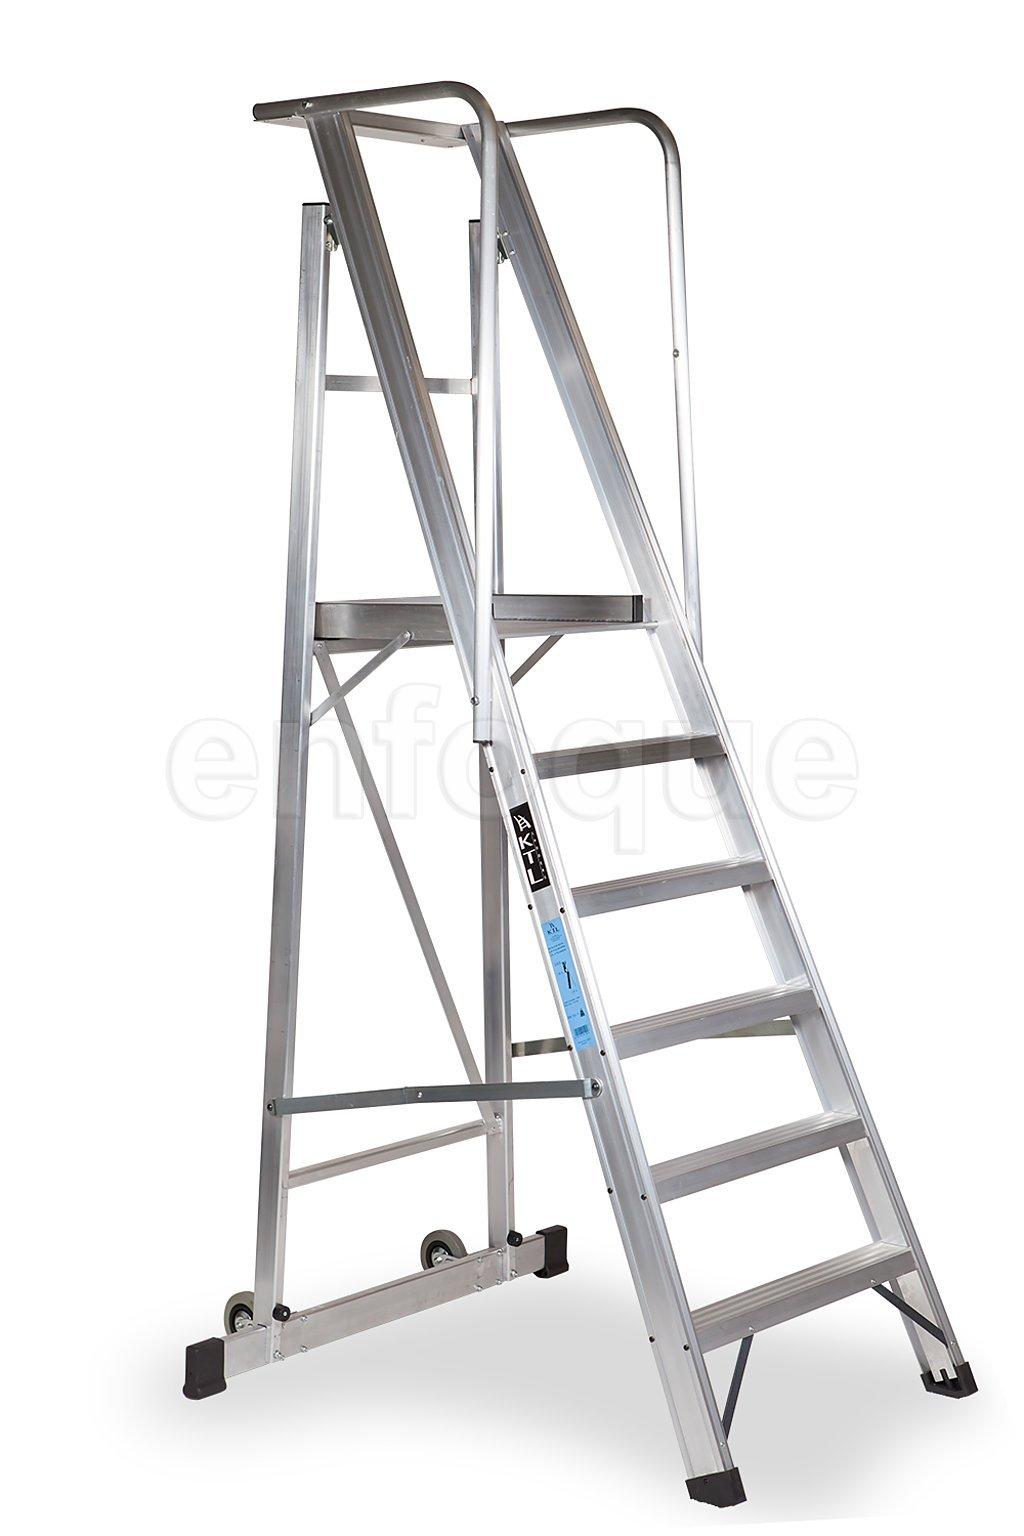 Escalera plegable con plataforma y guardacuerpos 10 peldaños móvil profesional serie 2xl: Amazon.es: Hogar